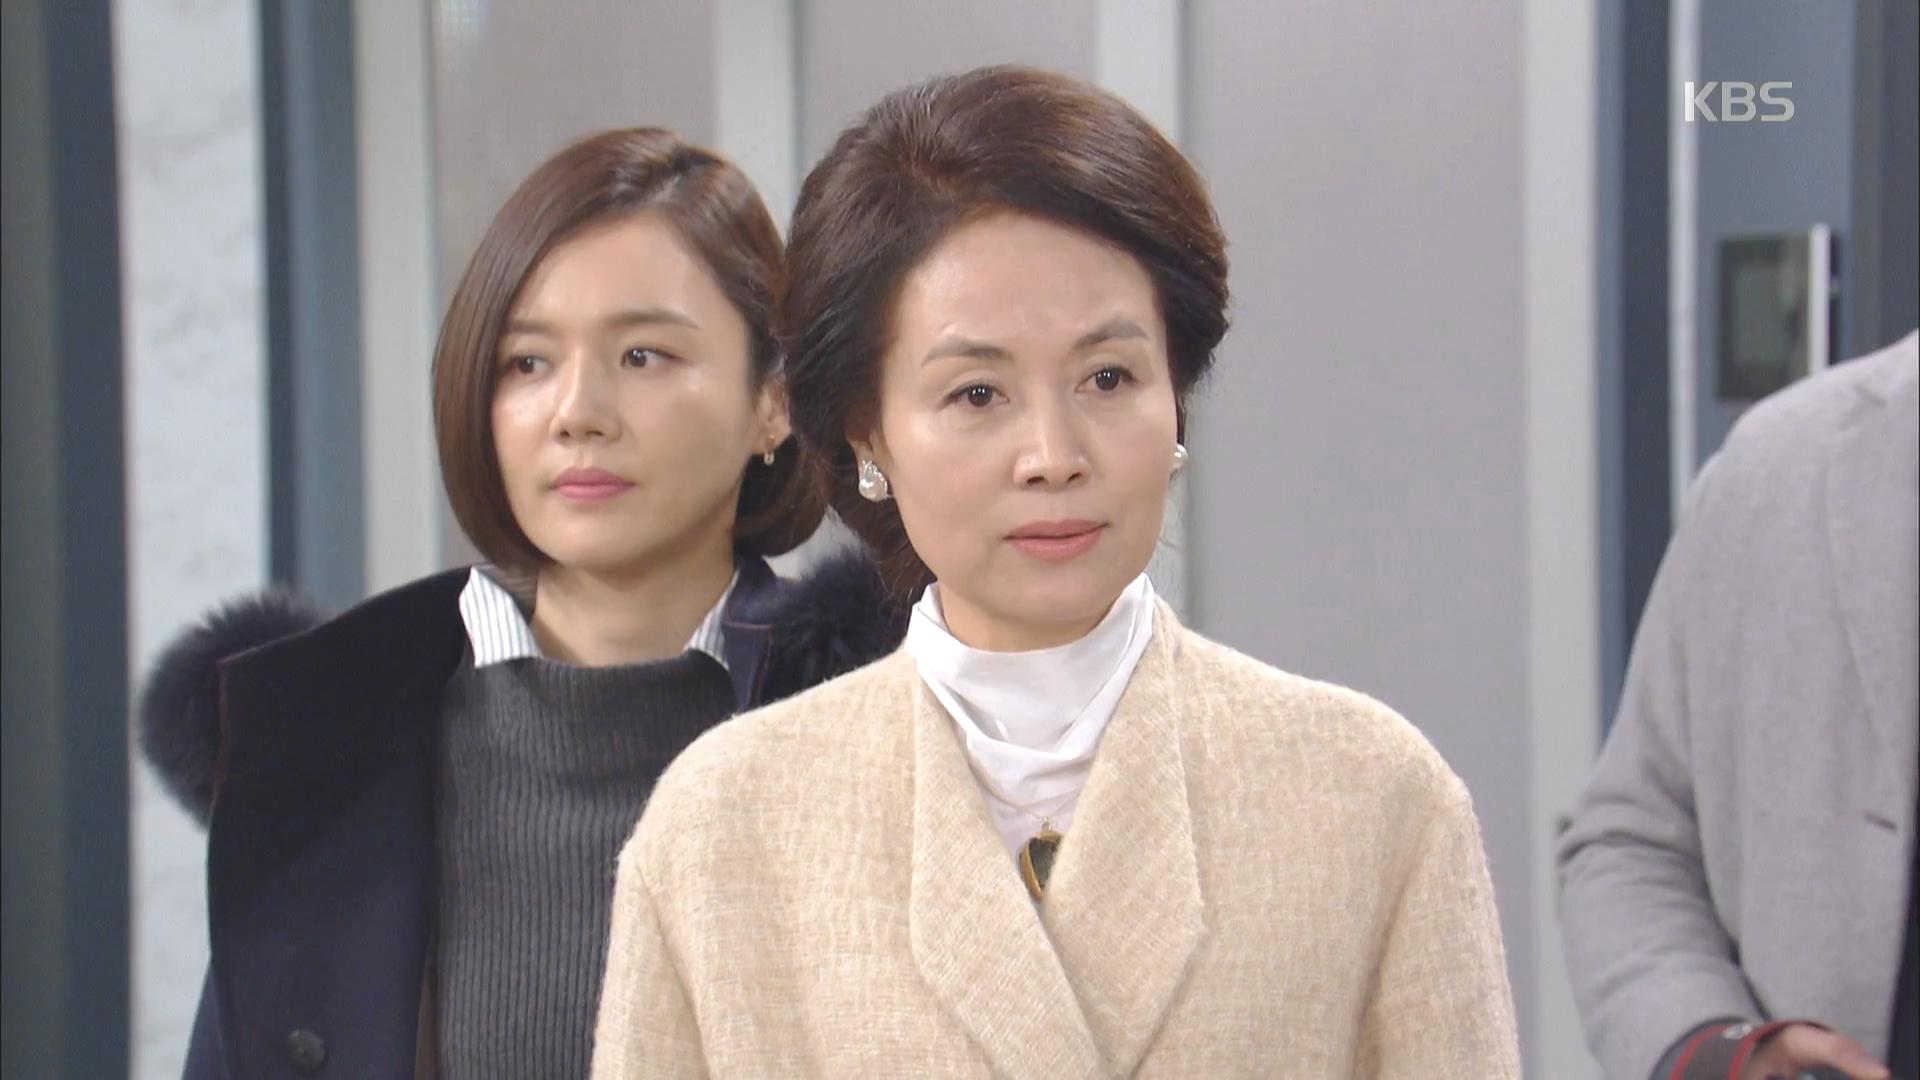 이덕희, 박철호 꿍꿍이 막았다 정계 은퇴 취소.